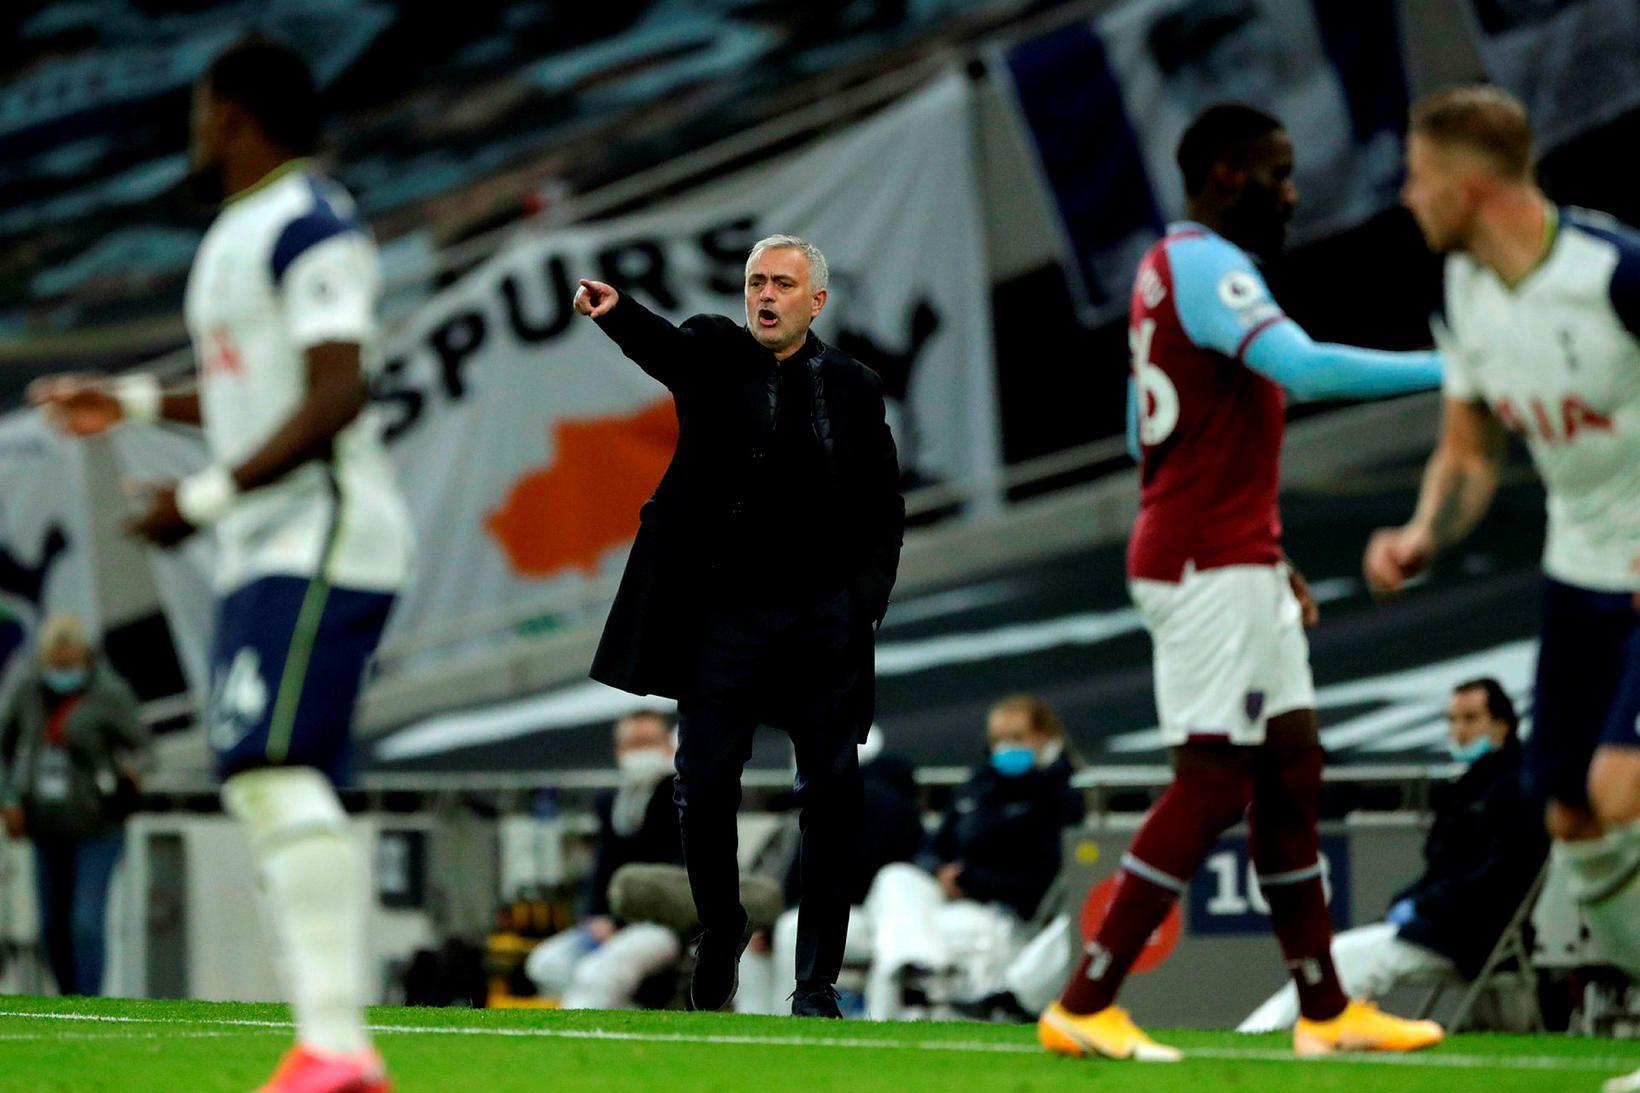 José Mourinho kemur skilaboðum áleiðis í dag.